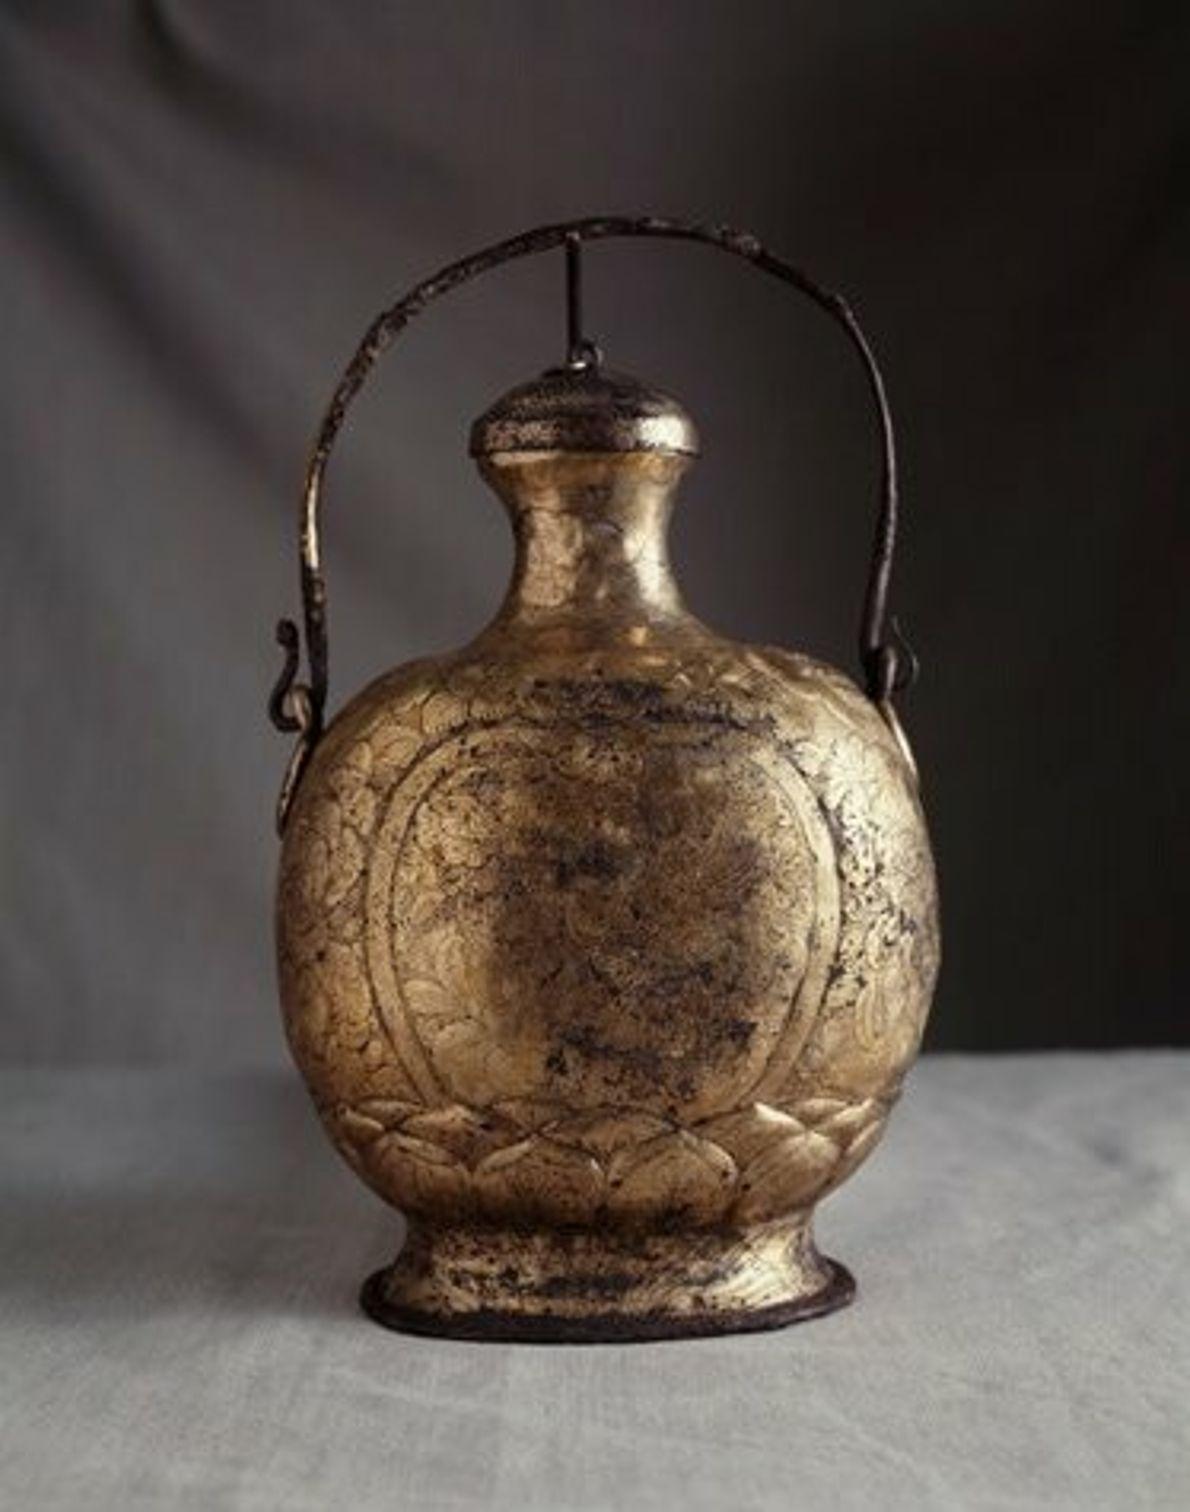 Cette flasque en argent doré délicatement gravée fait partie des trésors découverts dans l'épave de Belitng.